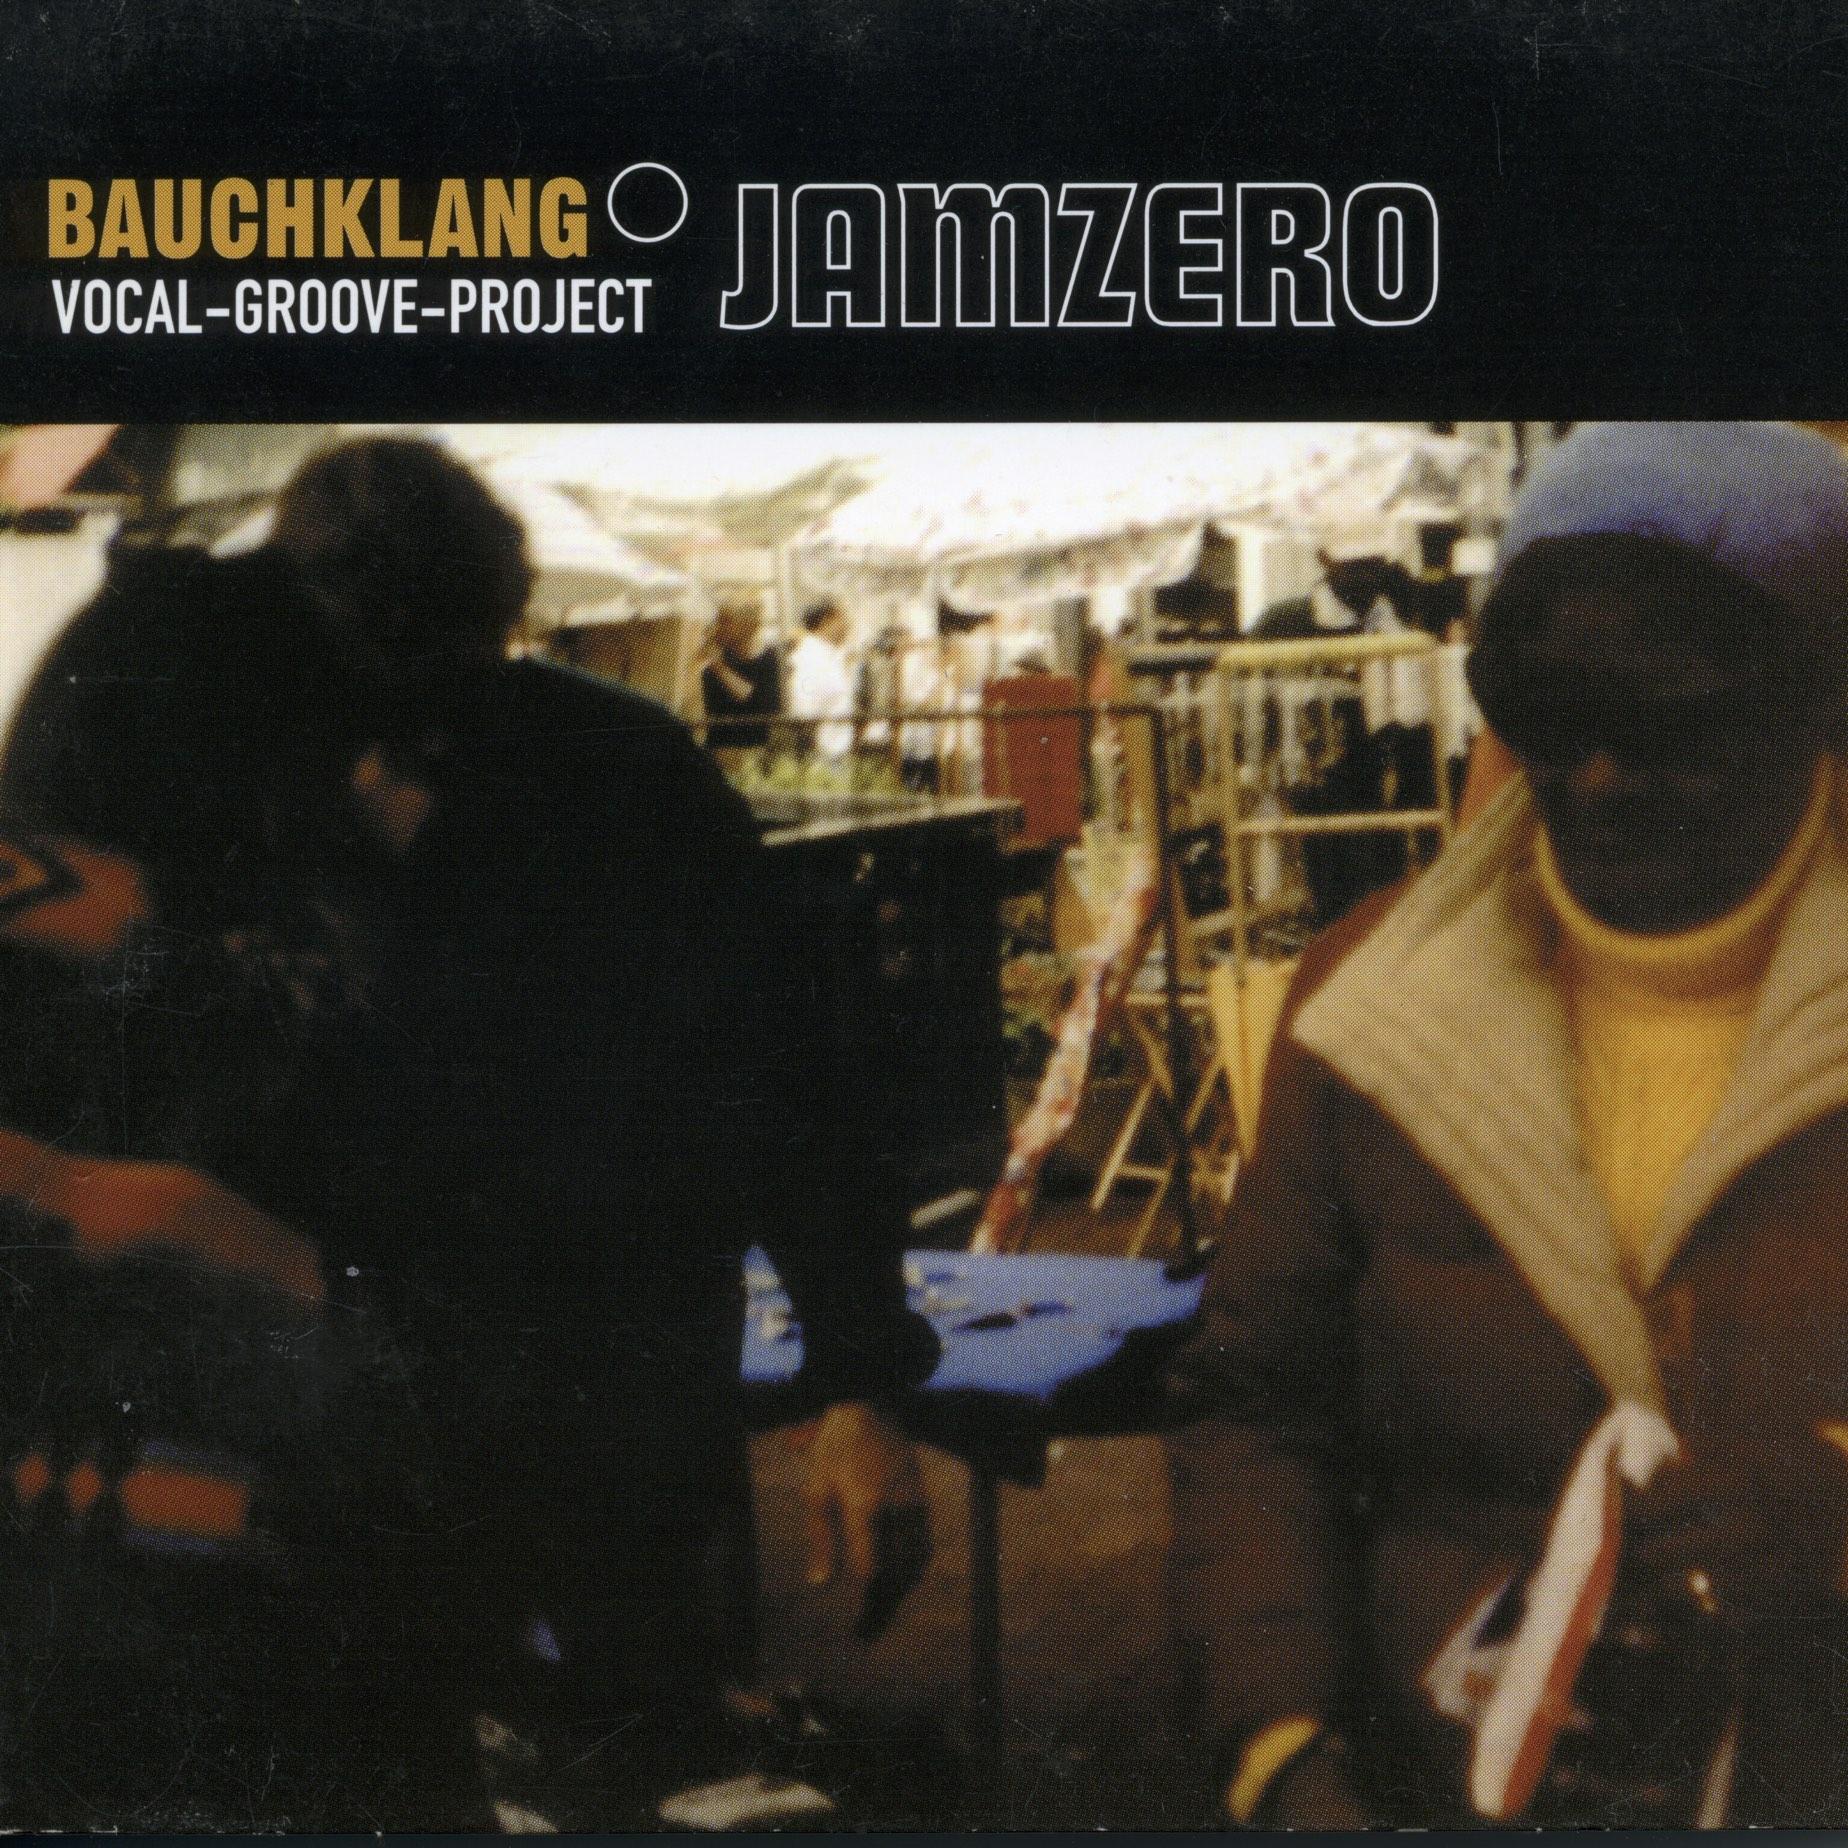 2001 - Bauchlang